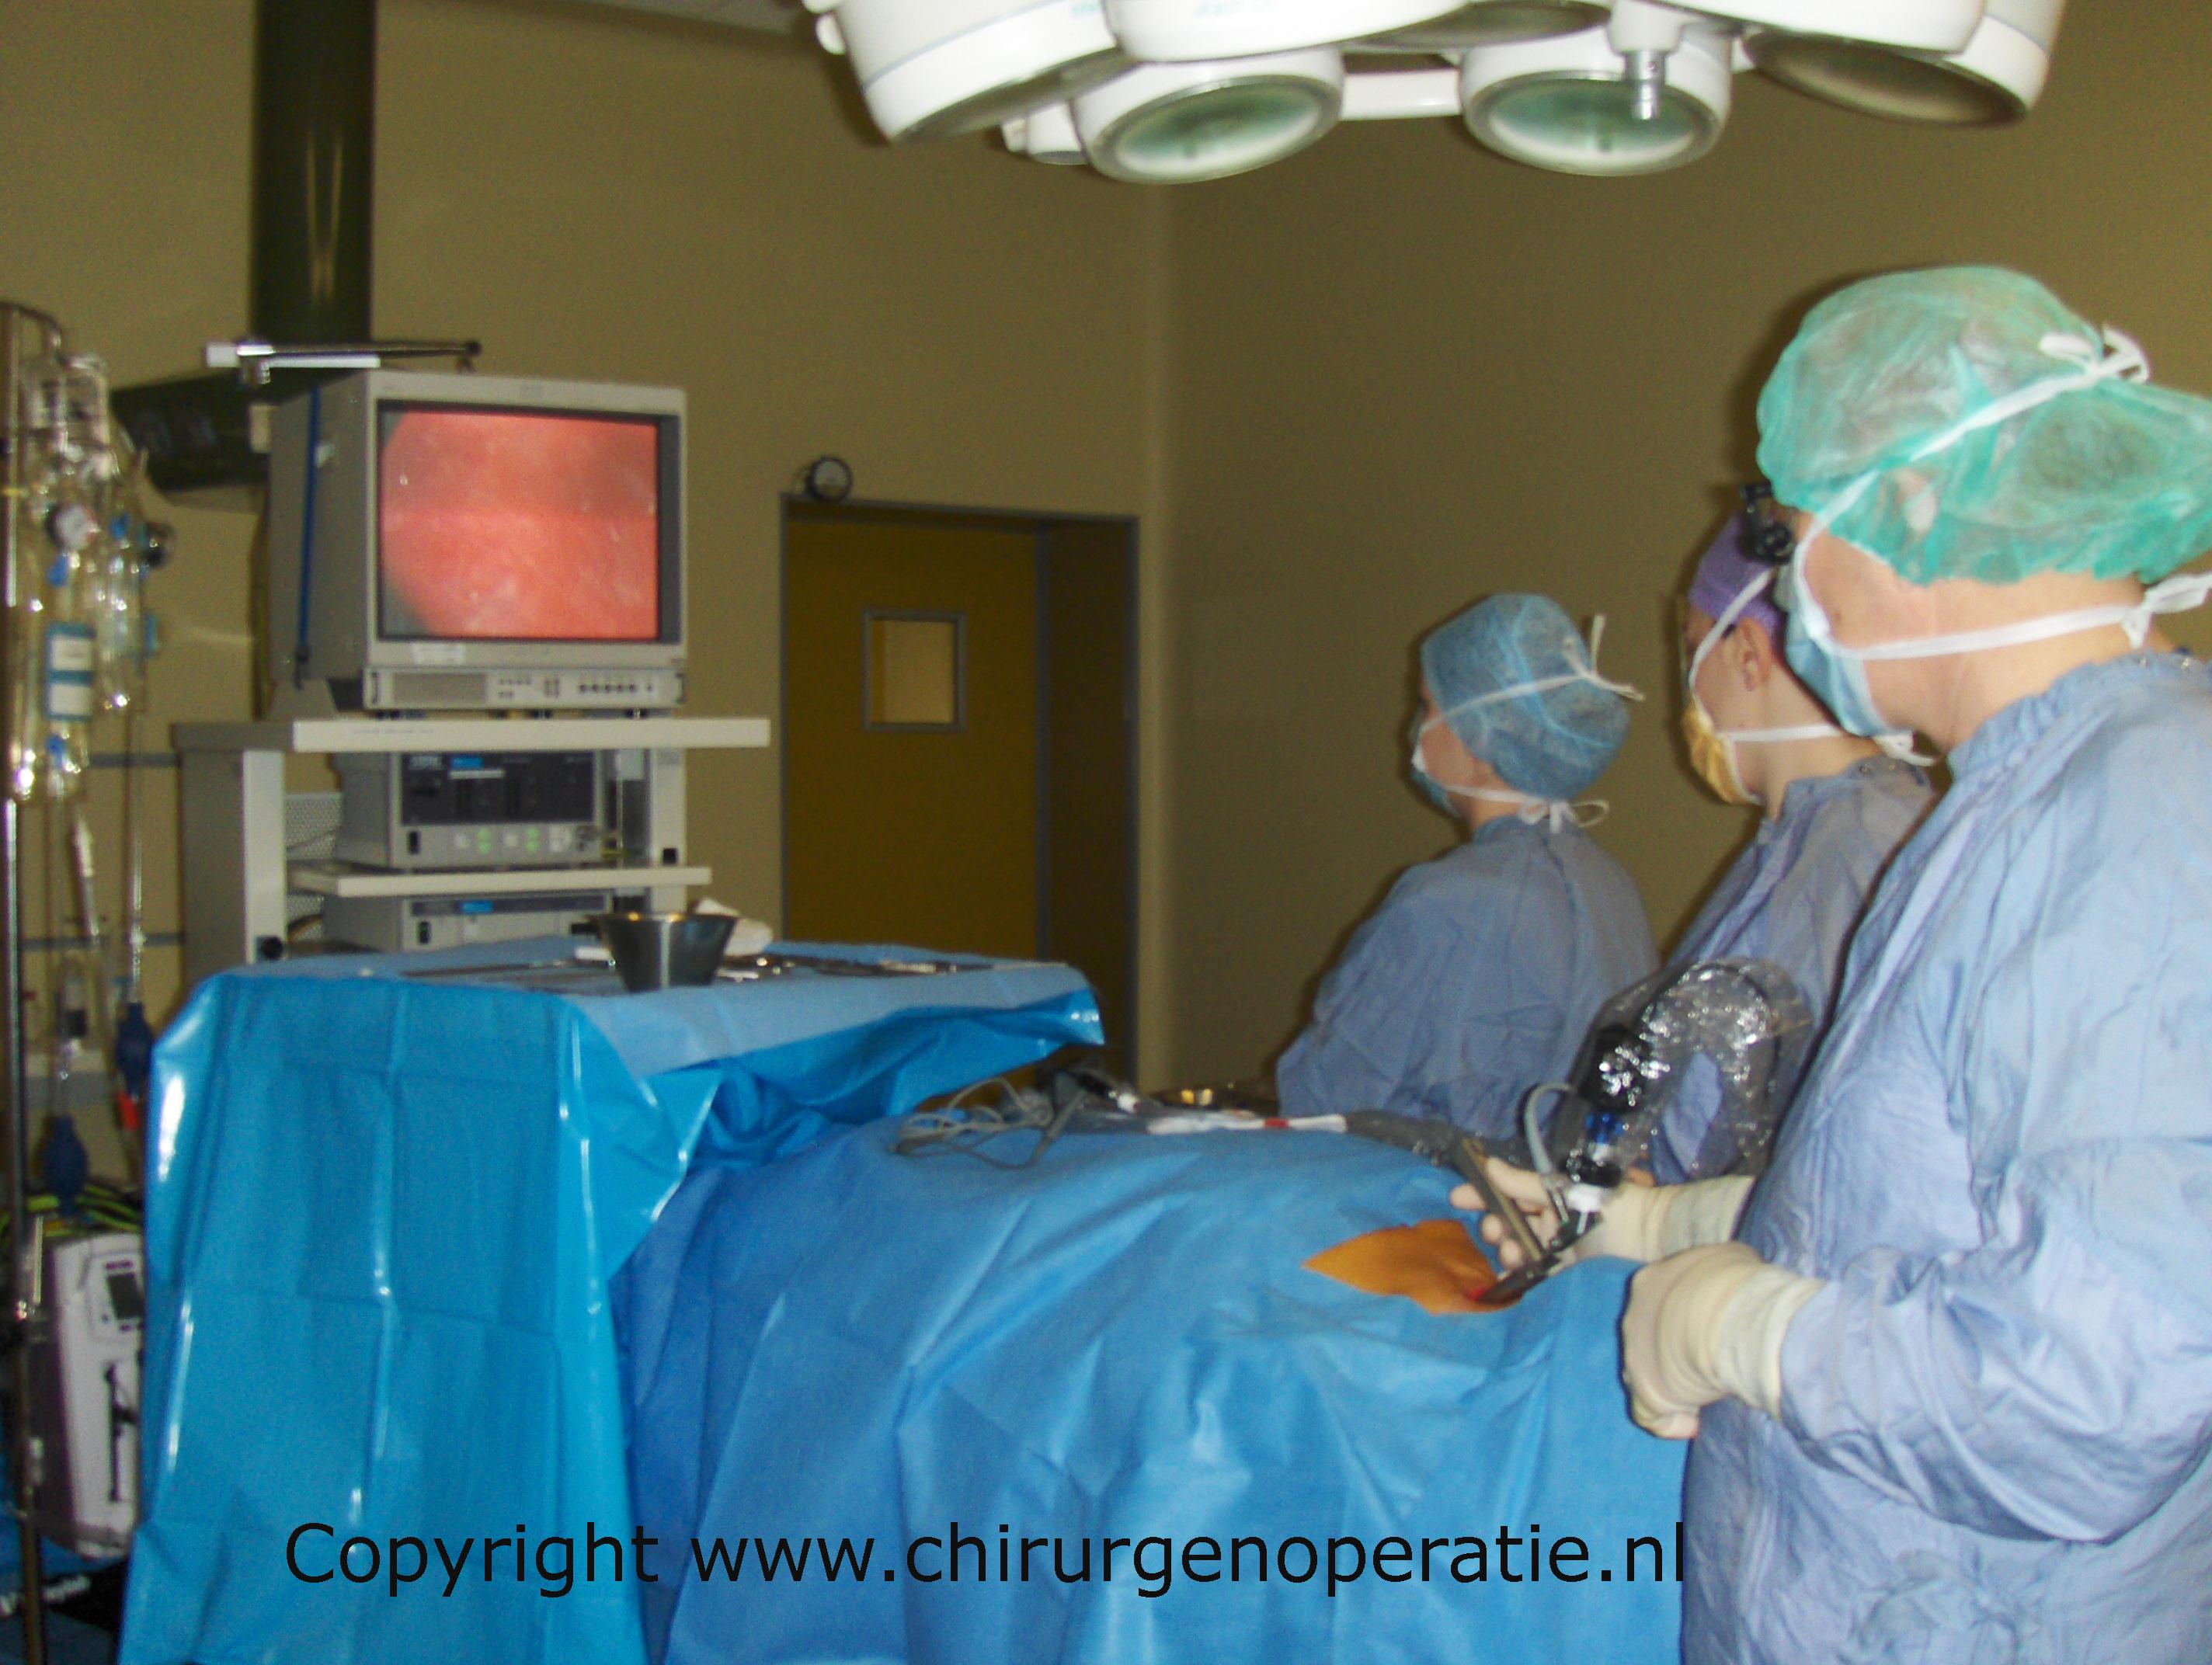 longchirurg_mediastinoscopie3